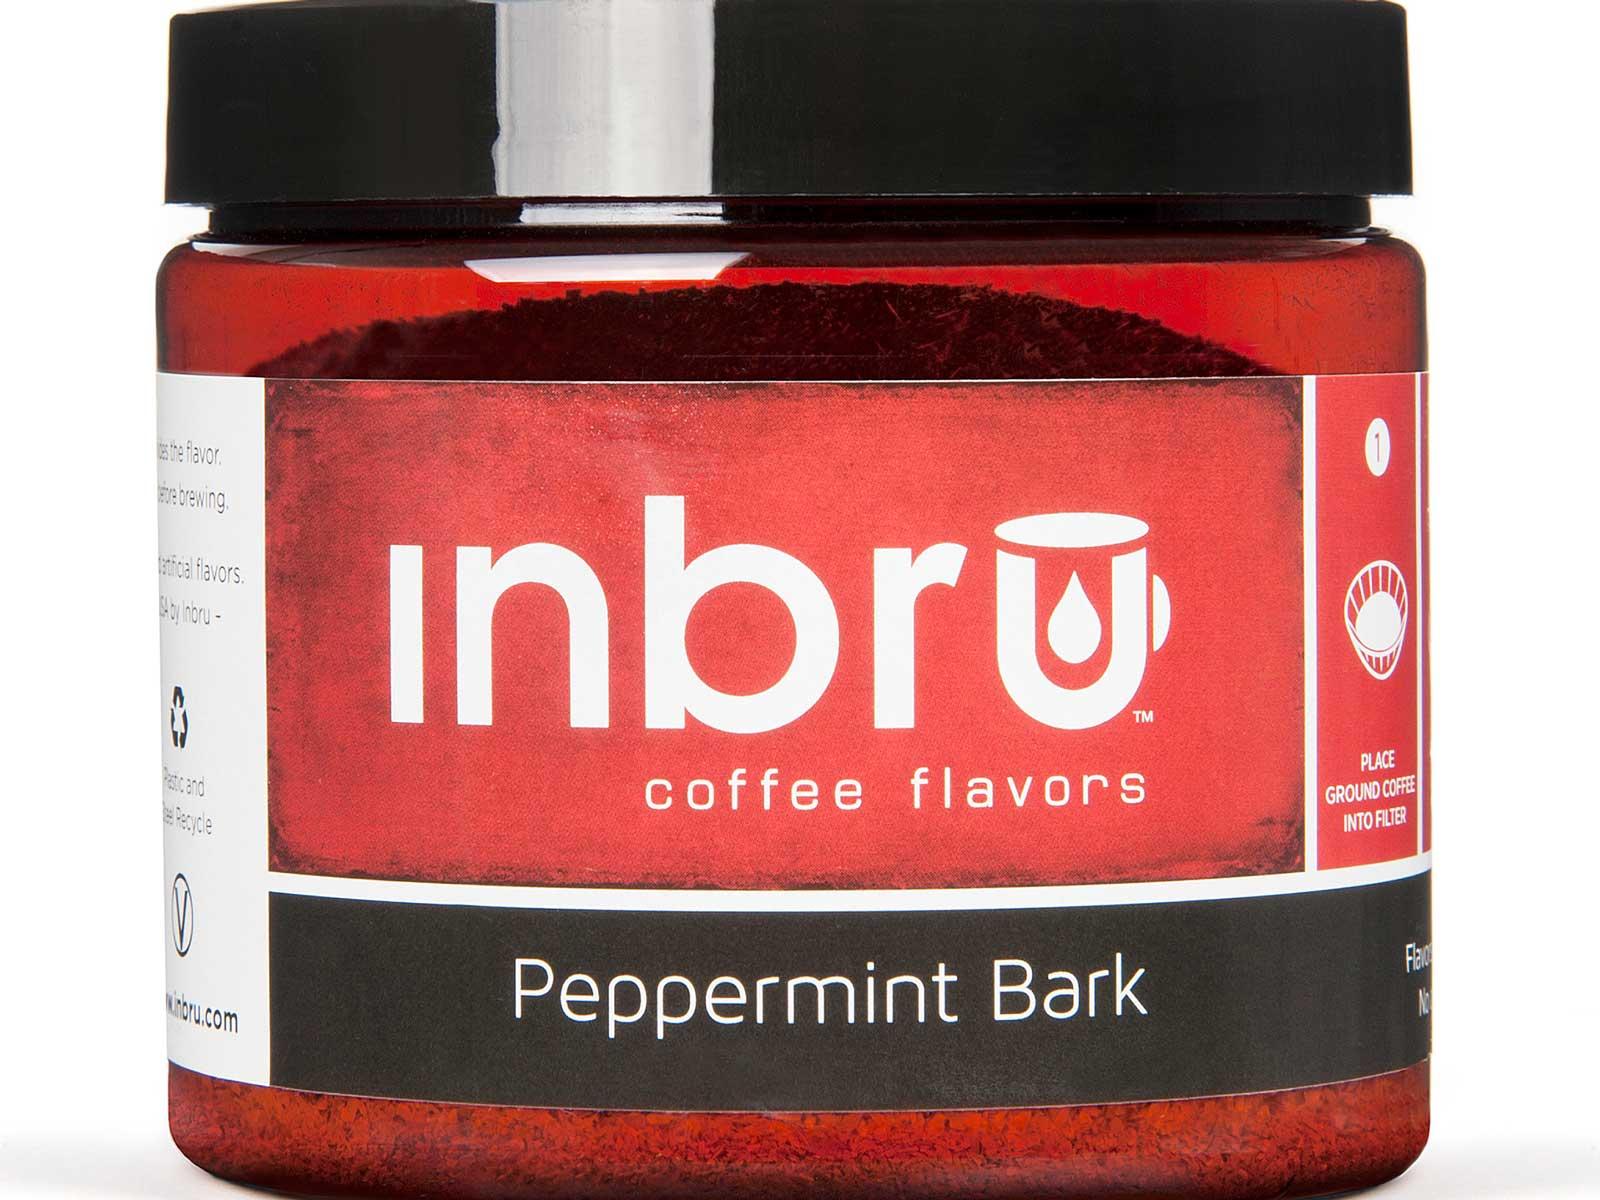 Inbru Coffee flavors